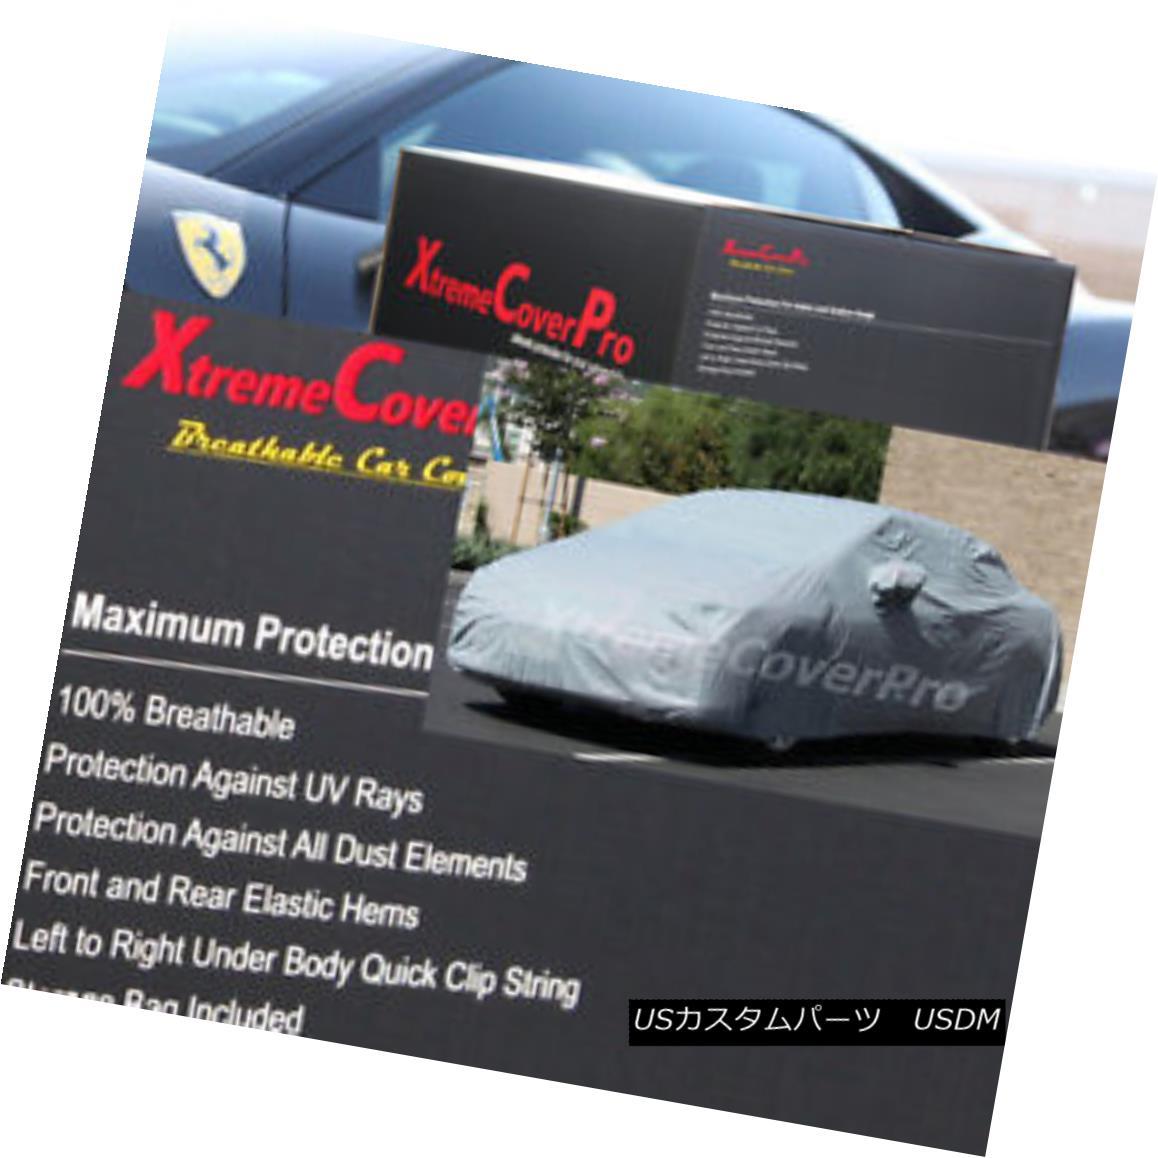 カーカバー 2015 MASERATI QUATTROPORTE S Q4 GTS Breathable Car Cover w/Mirror Pockets - Gray 2015 MASERATI QUATTROPORTE S Q4 GTS通気性車カバー、ミラーポケット付き - グレー